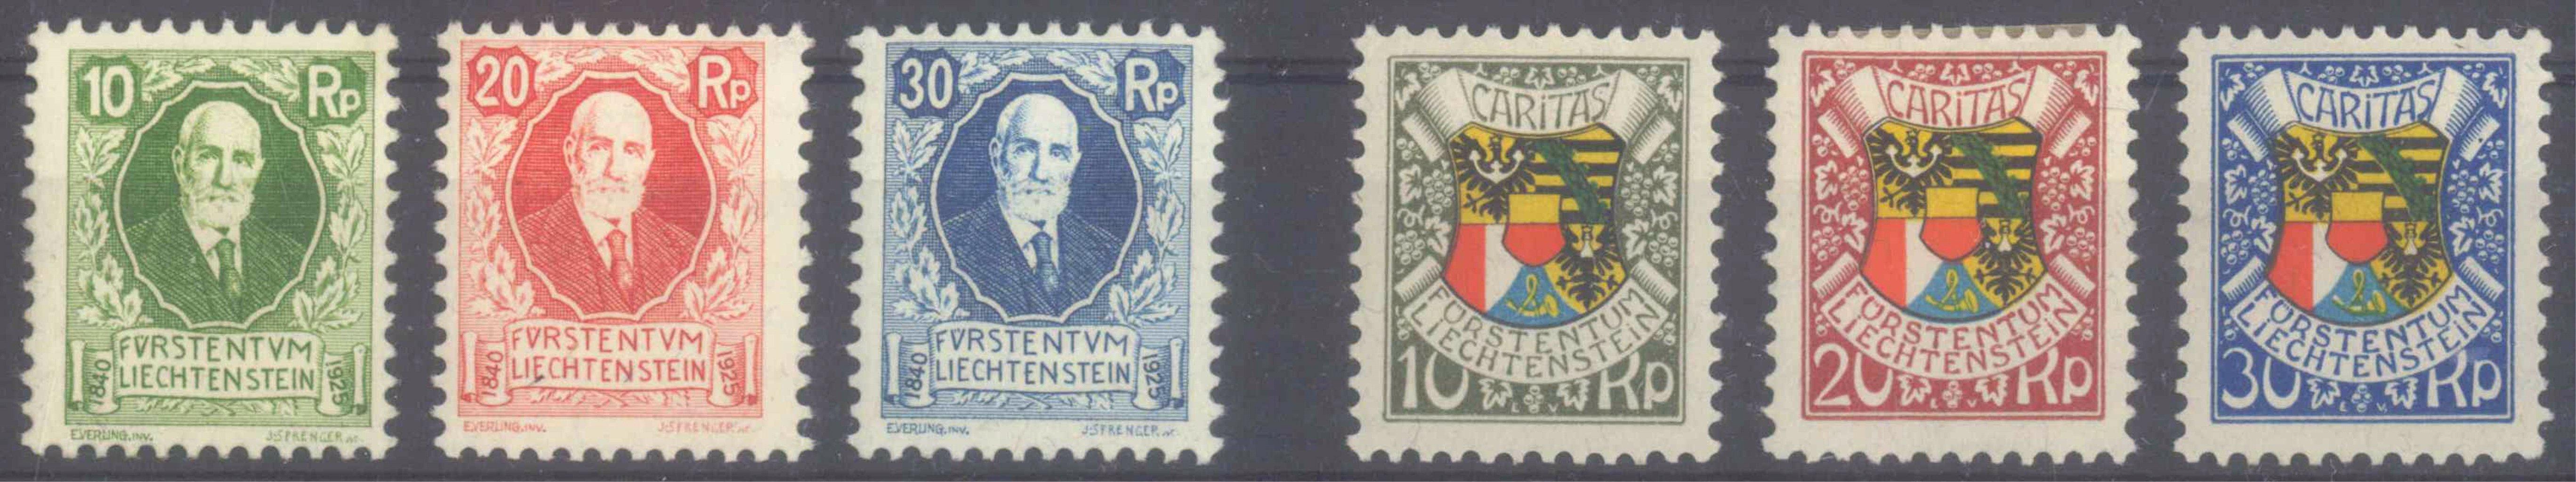 LIECHTENSTEIN 1925/1927, Geburtstage Fürst Johann